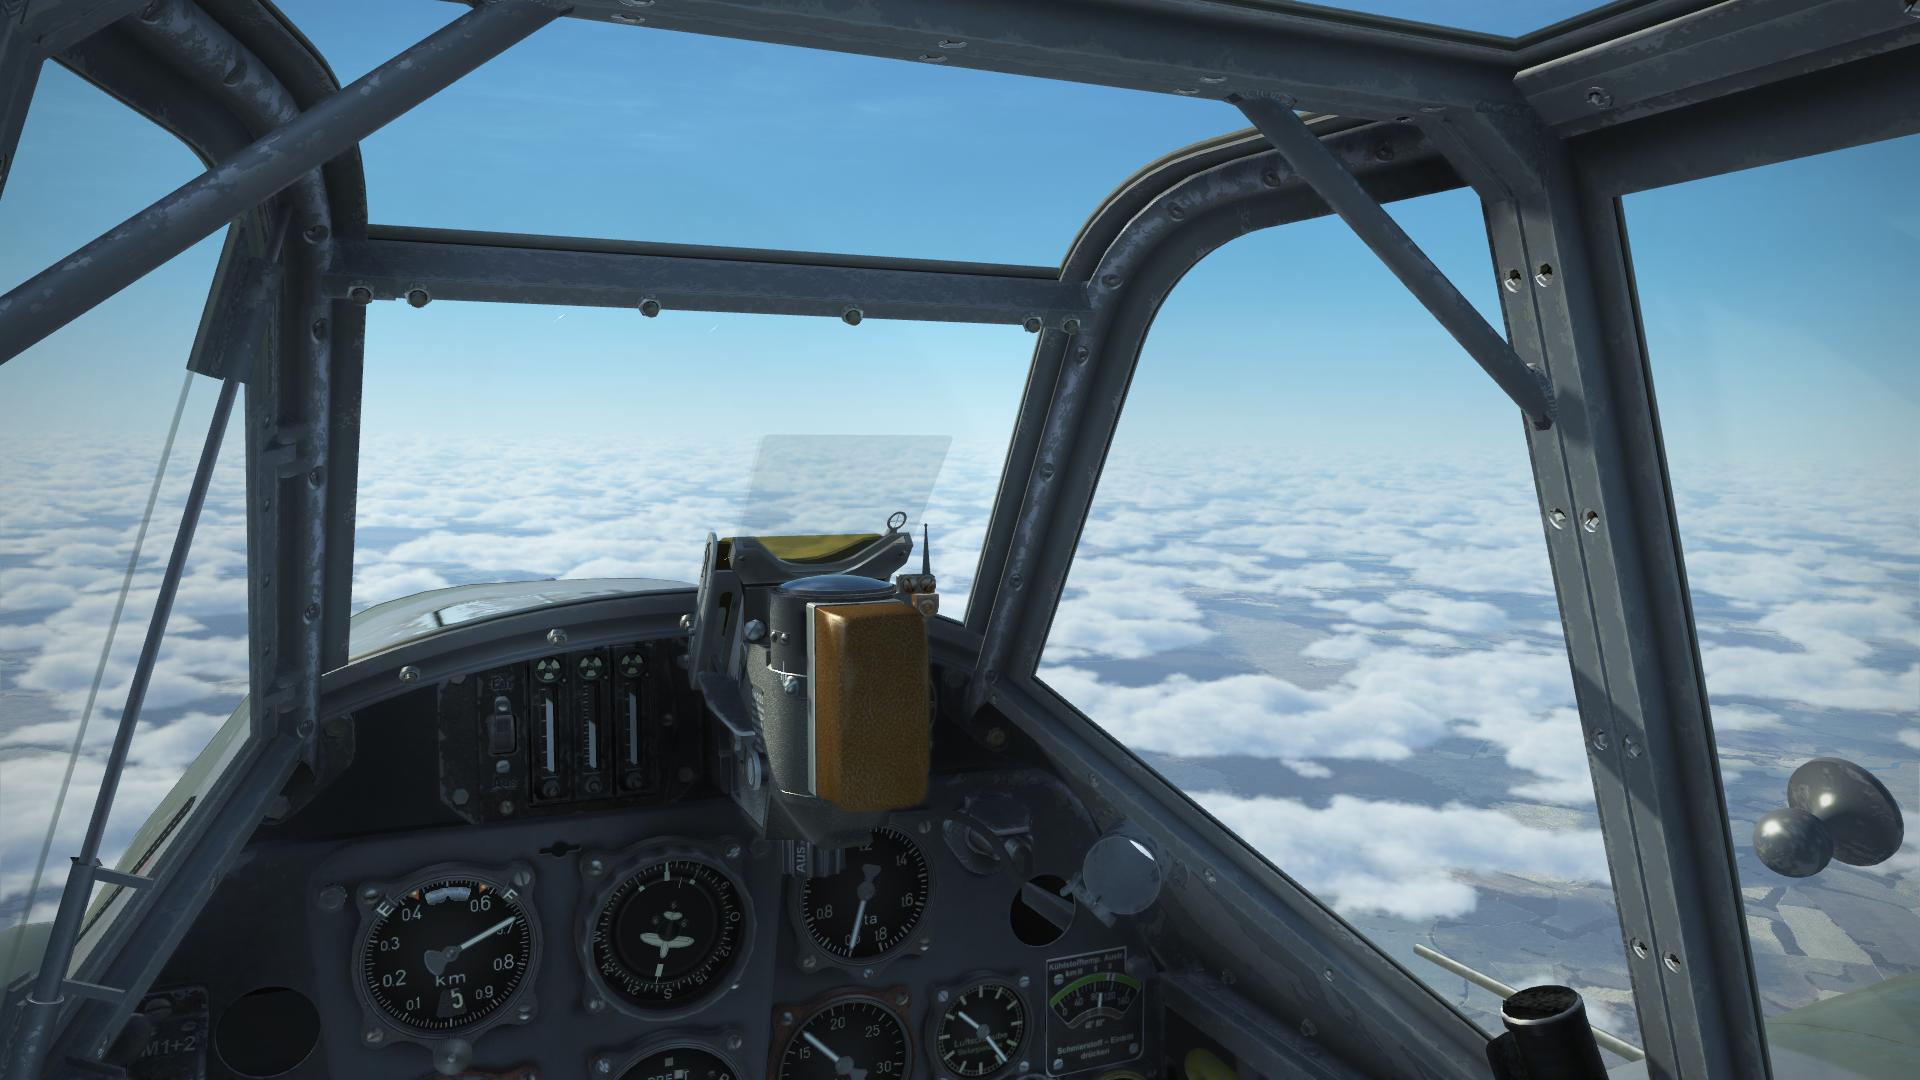 IL-2 Sturmovik Battle of Stalingrad Screenshot 2019.12.26 - 17.59.15.80.png